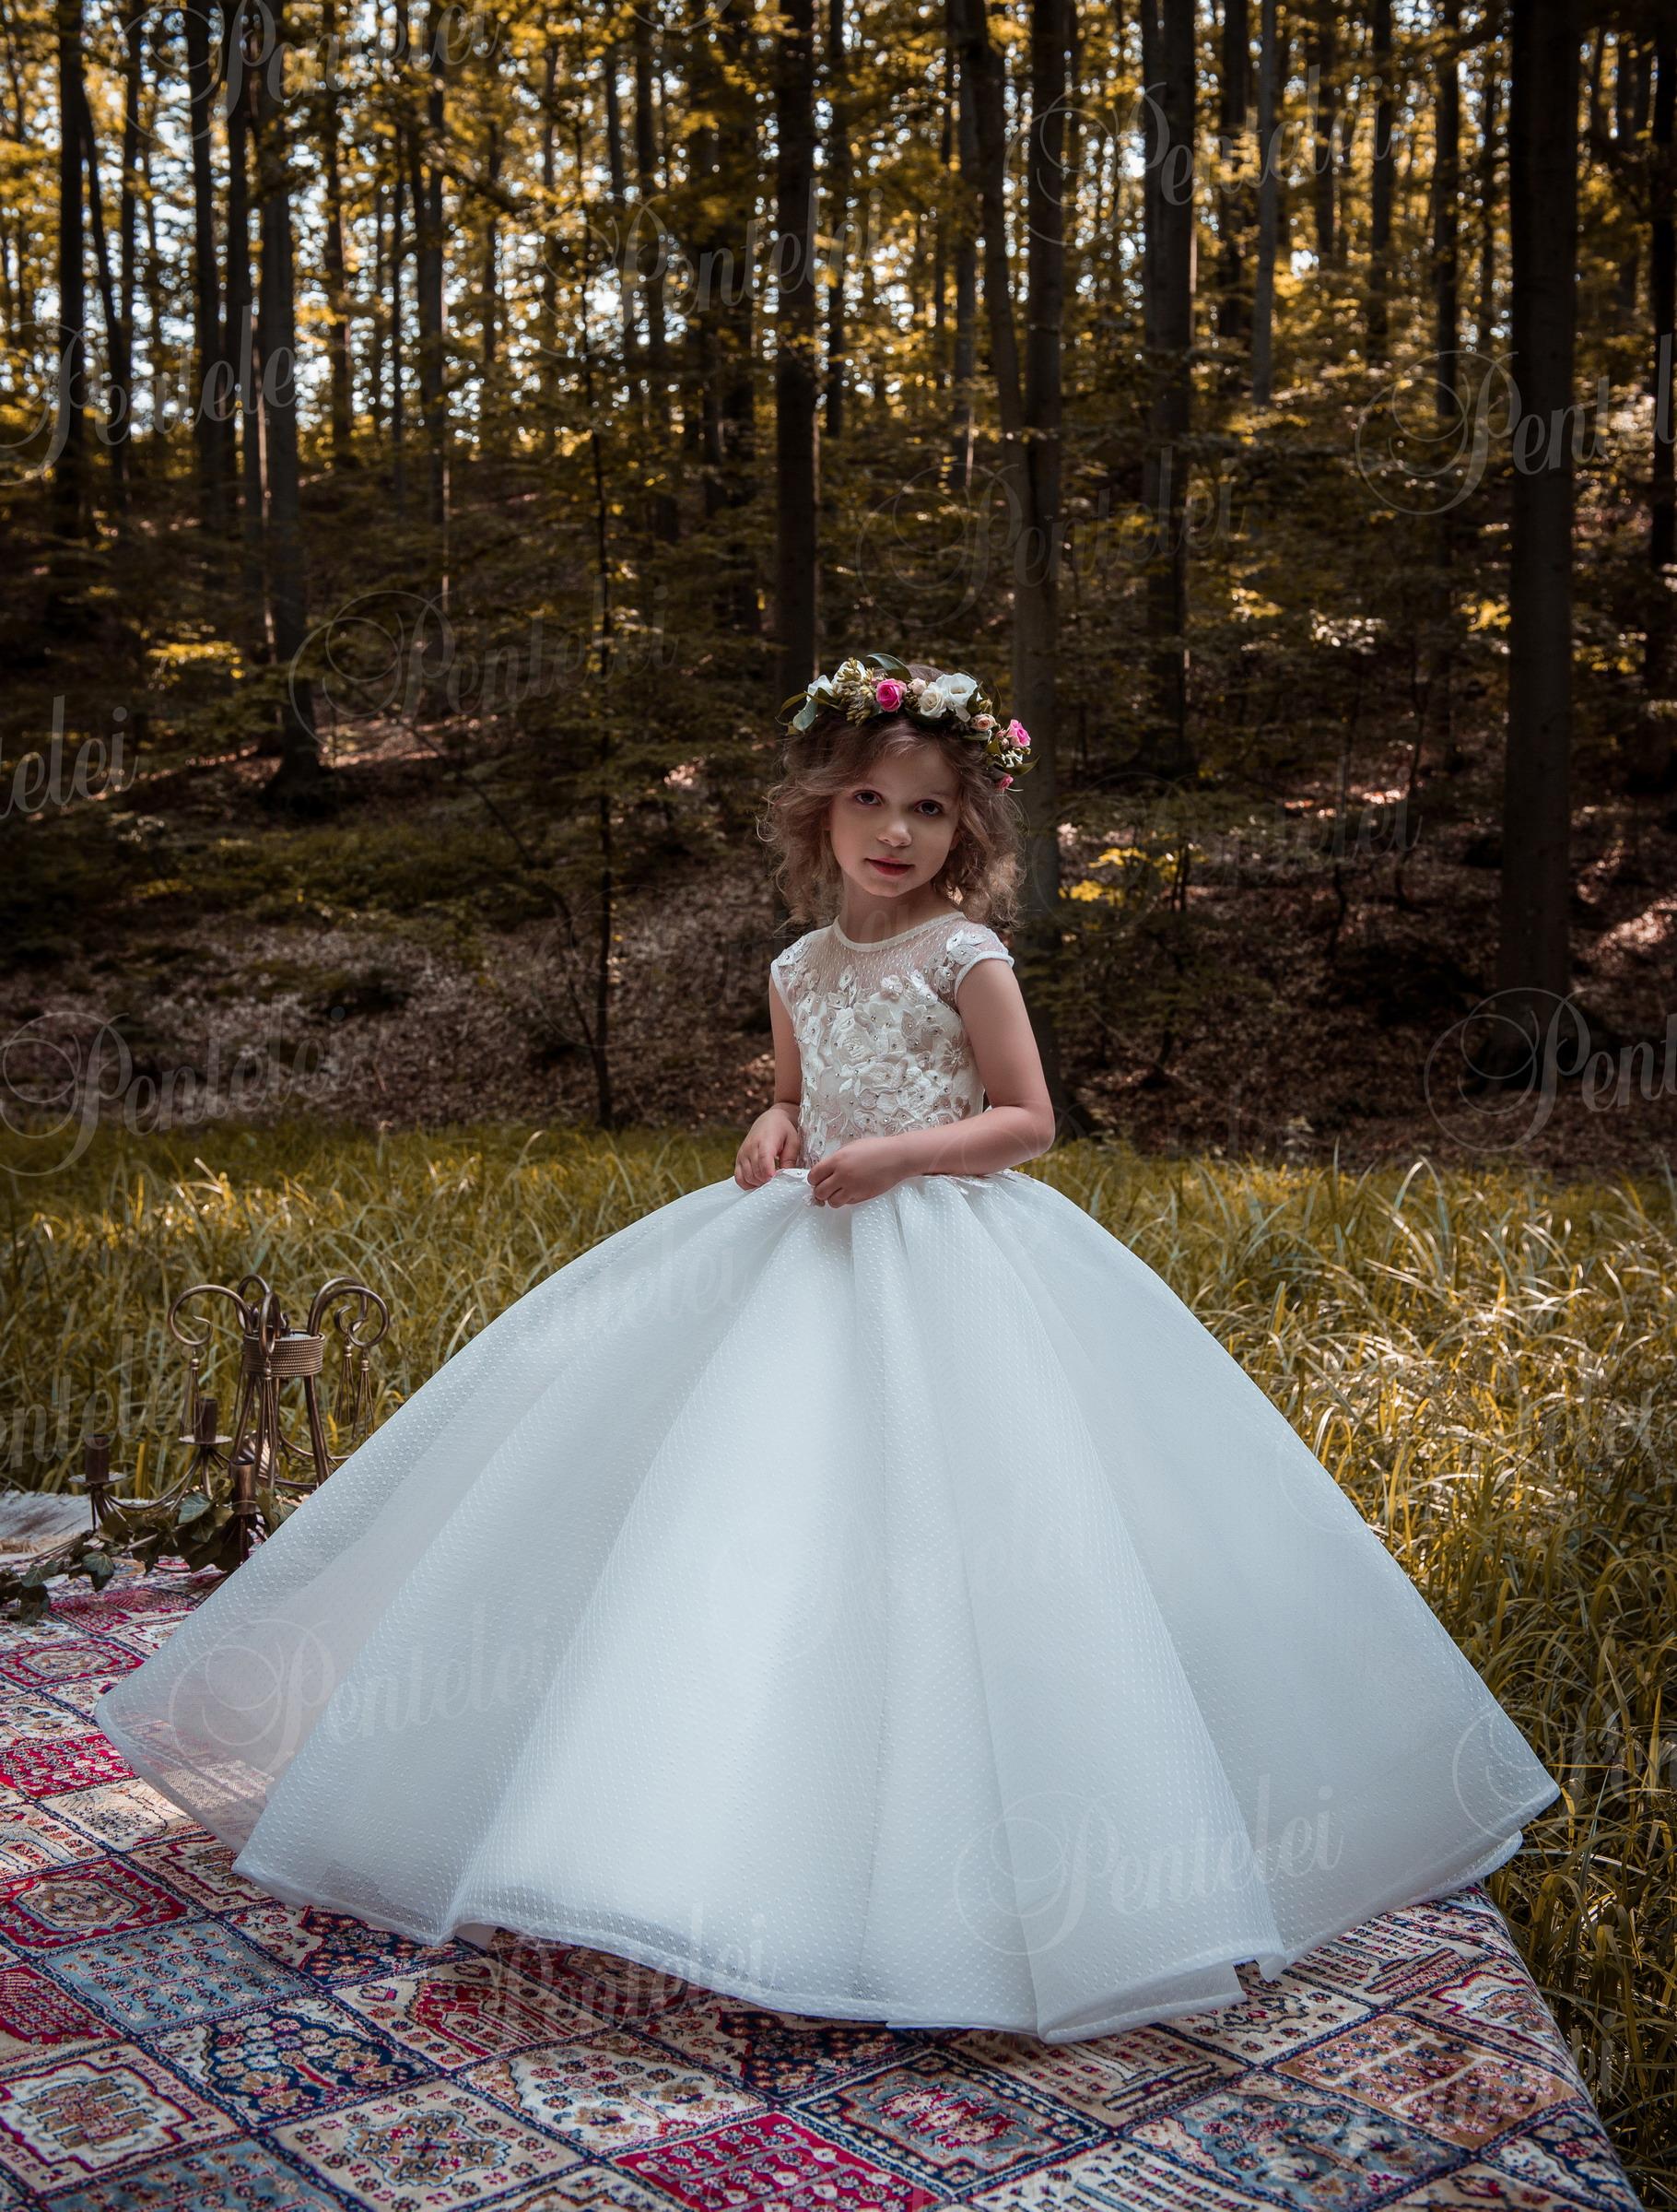 Дитячі сукні на випускний  коллекція 2018 ccbcdf9151b32